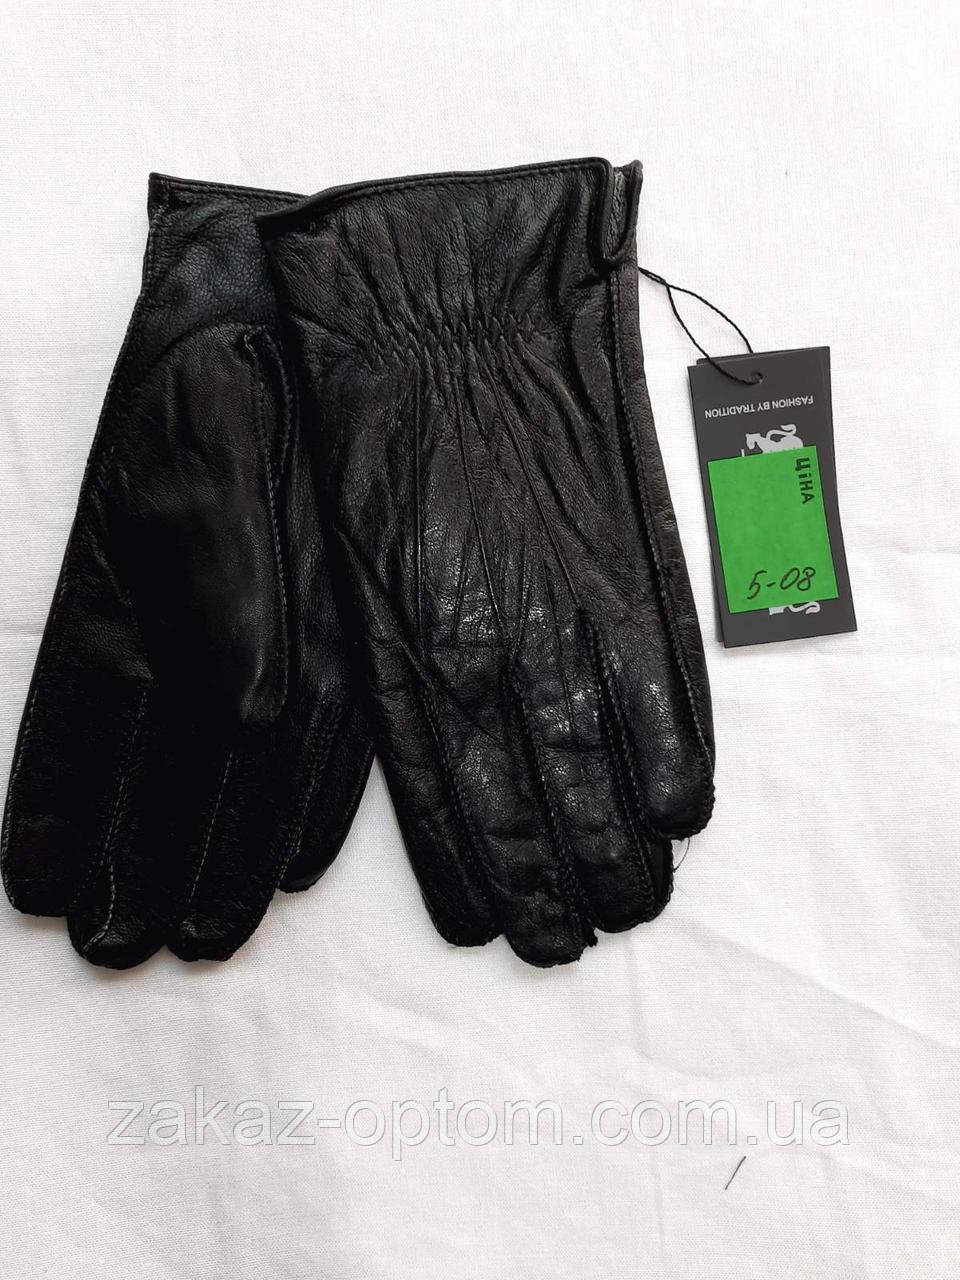 Мужские перчатки оптом кожа внутри плюшевая махра(10,5-12,5)Румыния 5-08-63217